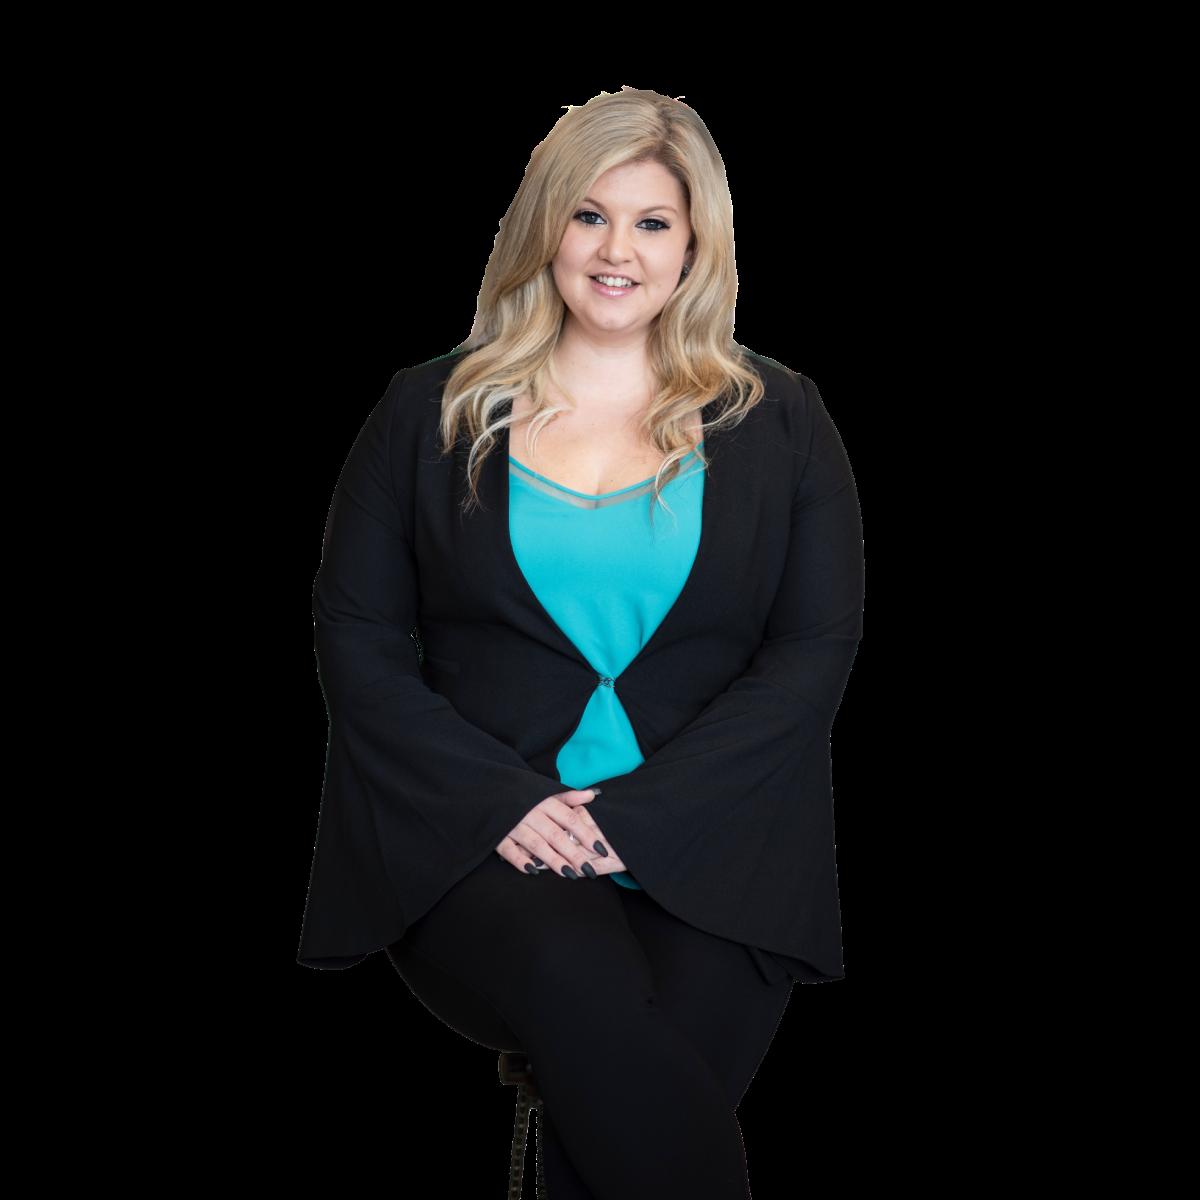 Saundra Solek - Sales Manager - Modern Lending